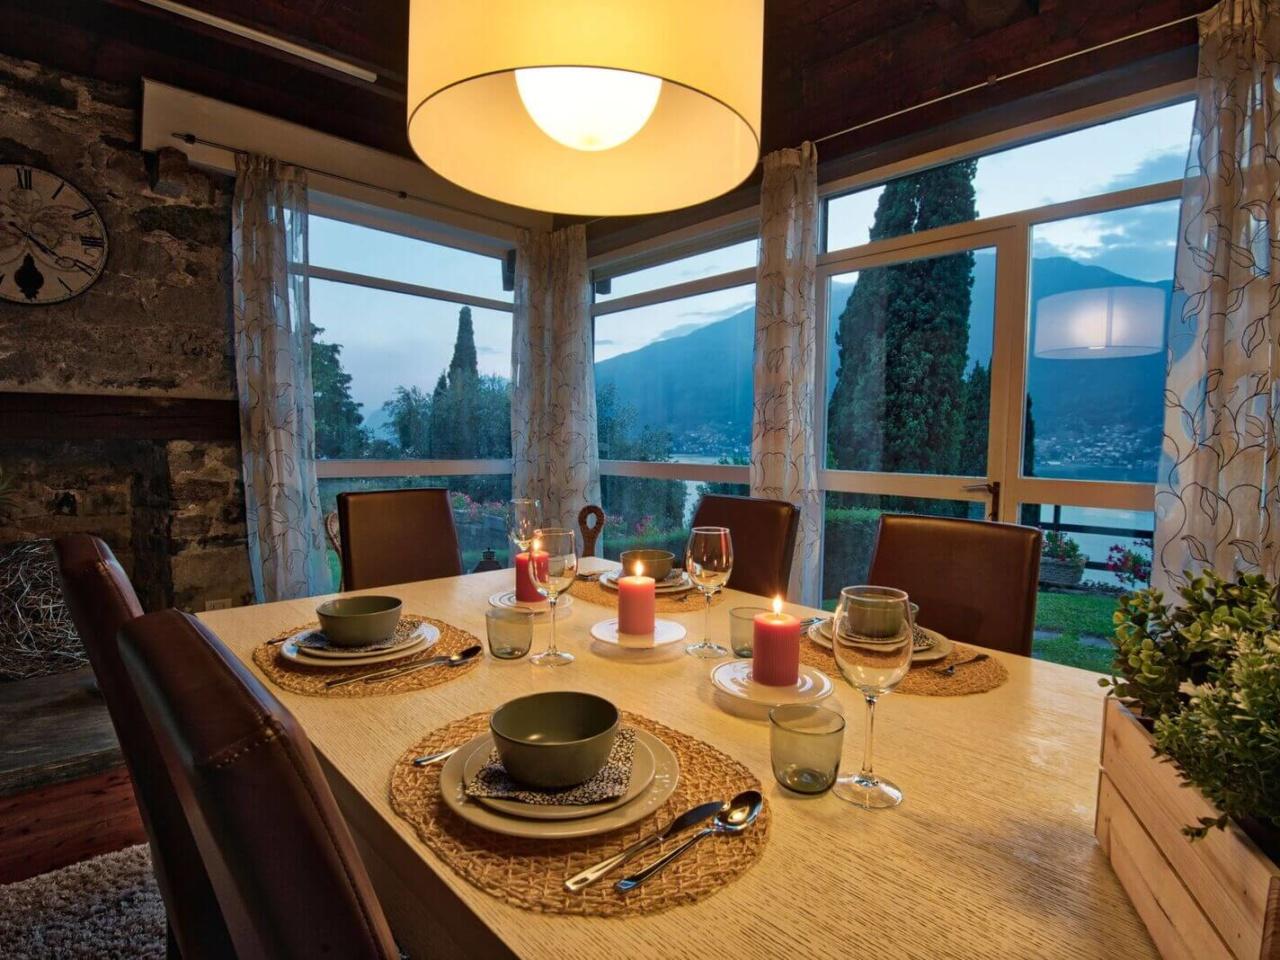 villa-meraviglia-colico-08-cena-in-soggiorno-con-candele-2